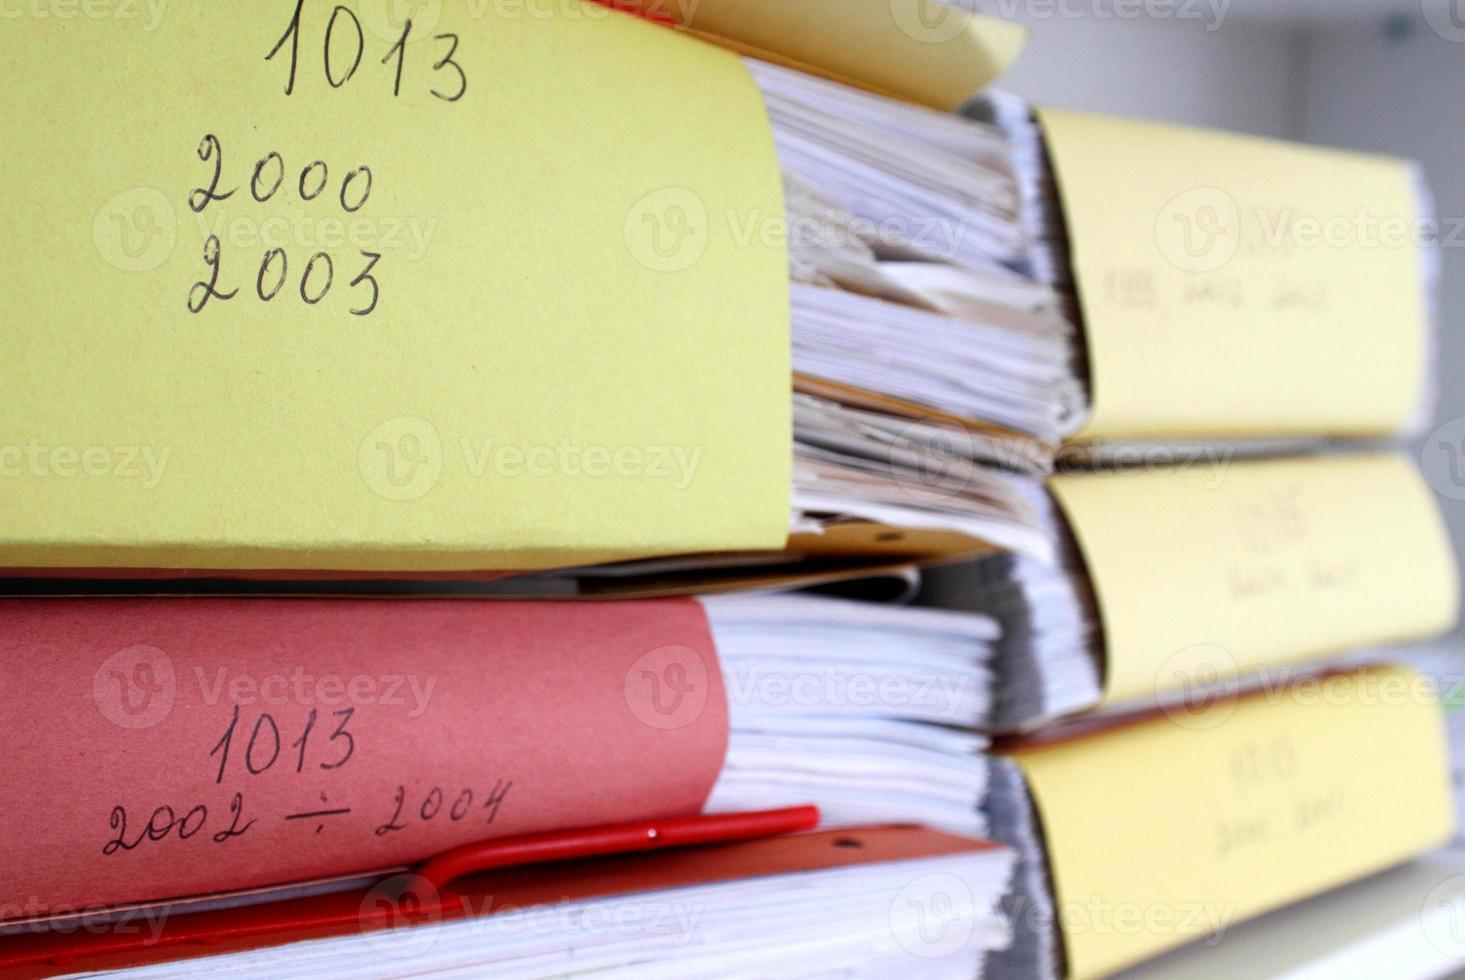 registros fiscais antigos foto